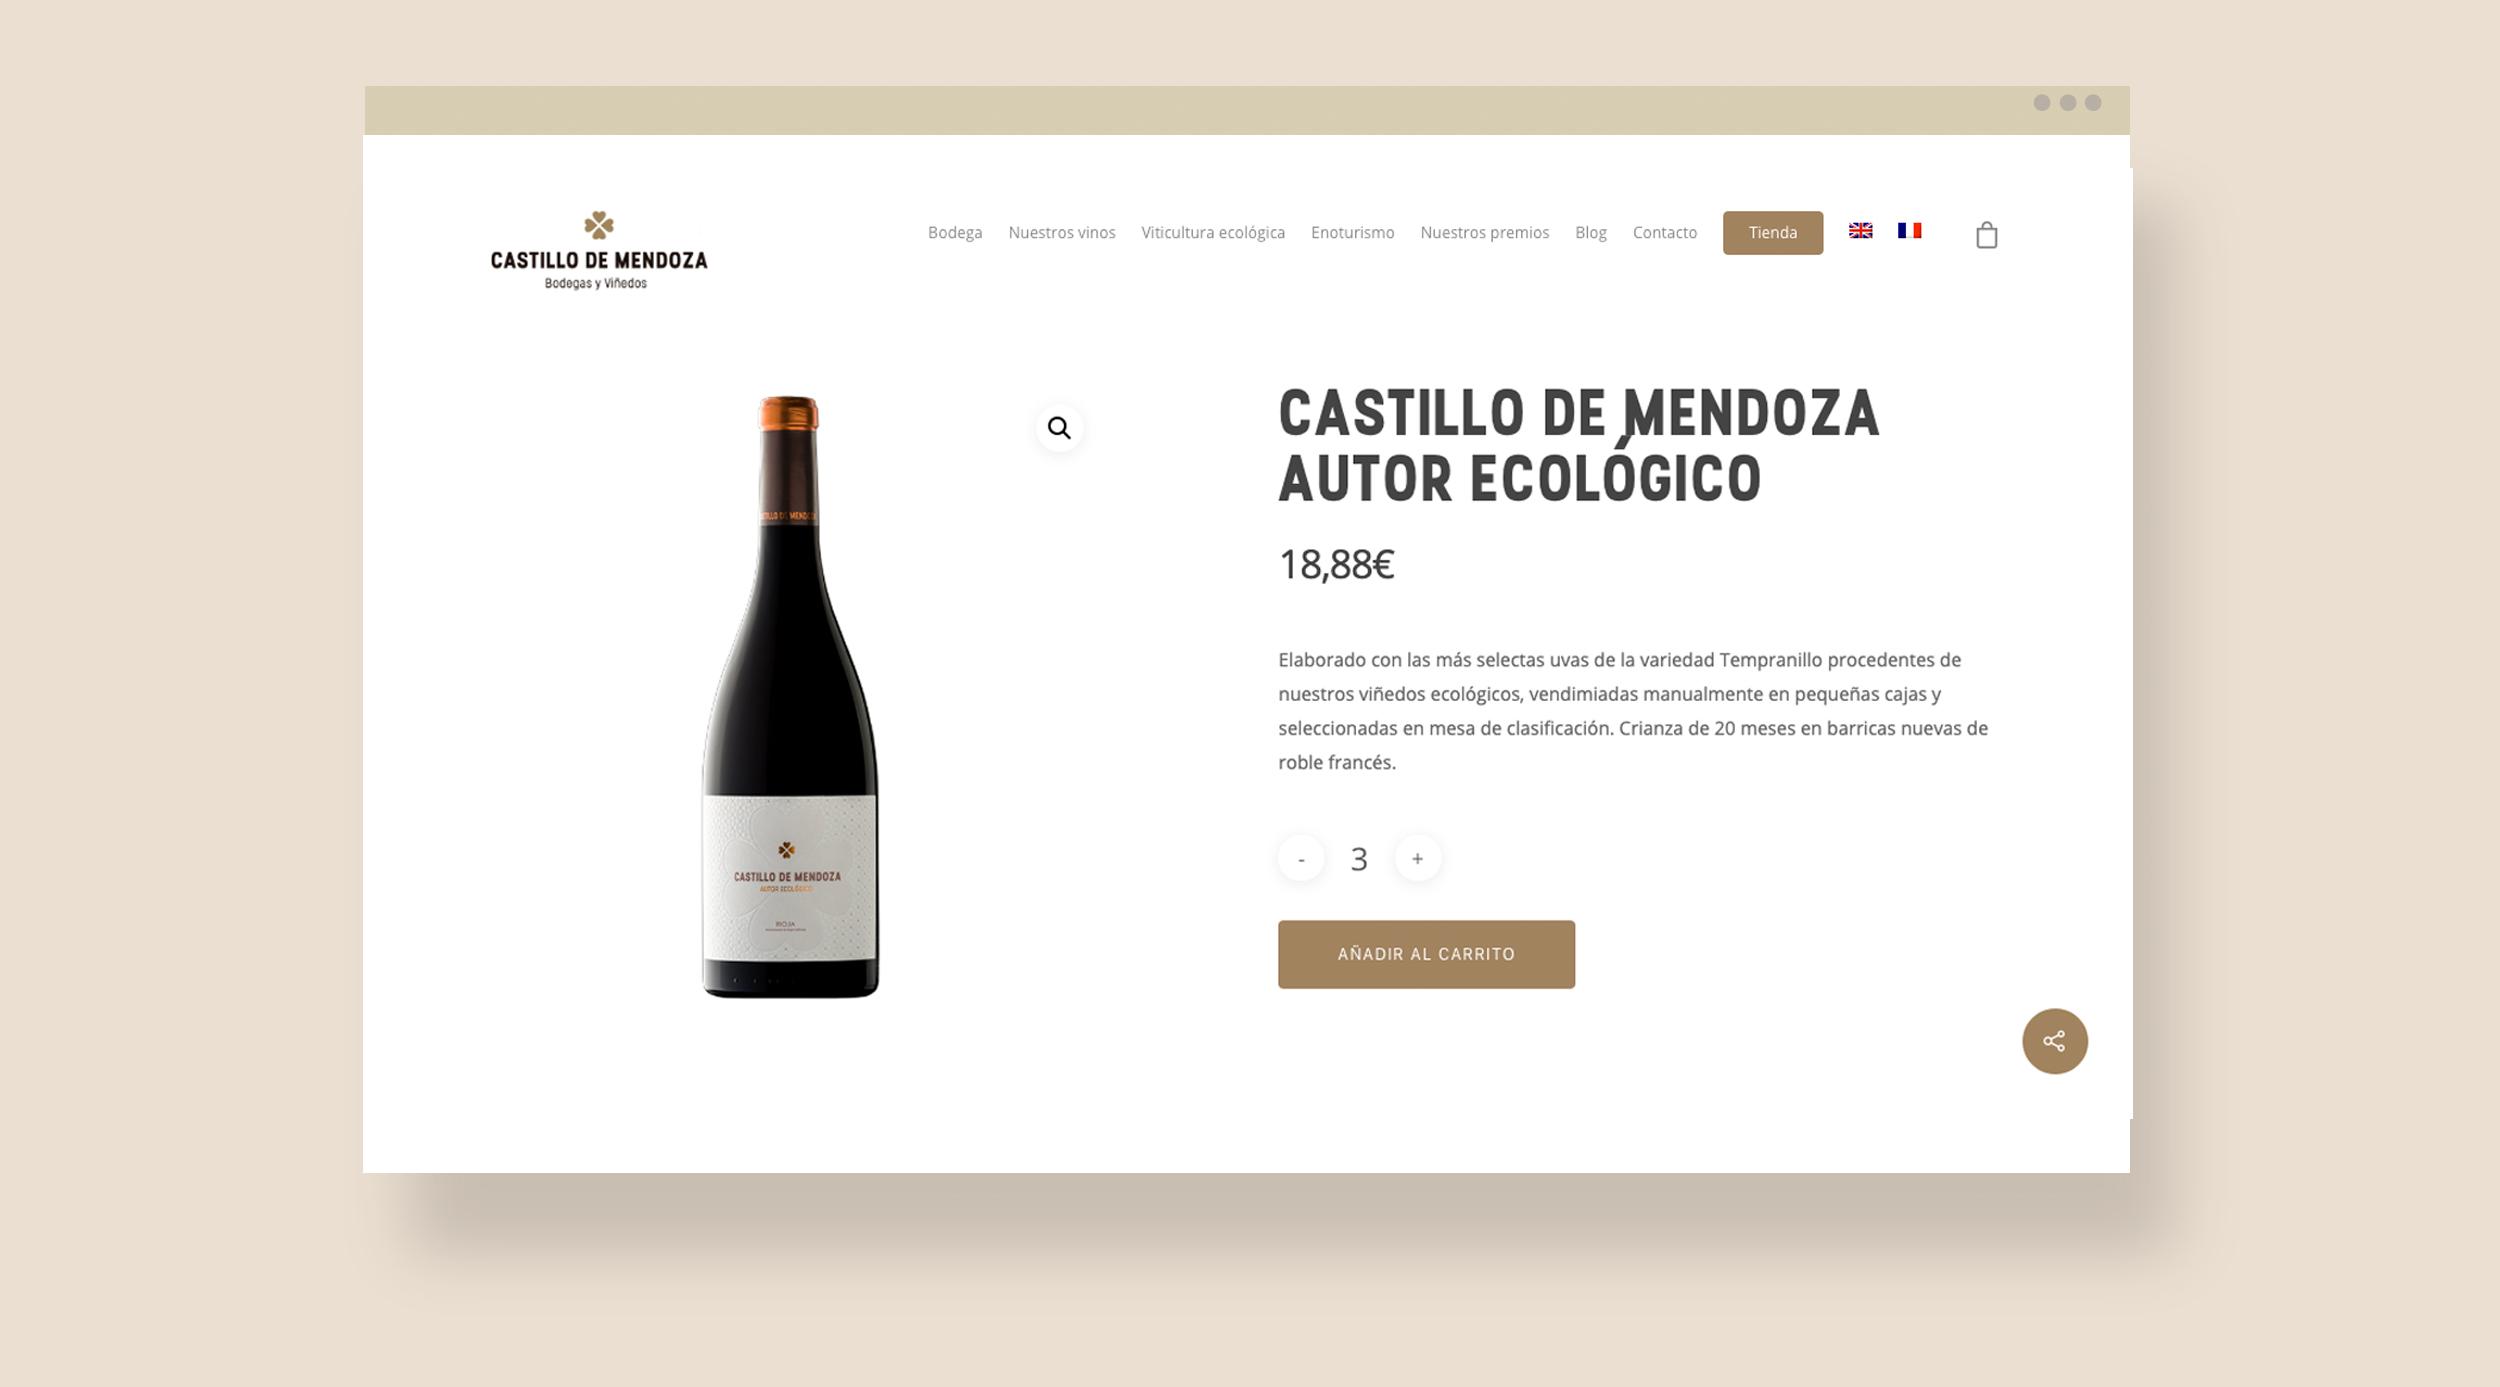 Diseño web versión ordenador con tienda online para bodega Riojana en San Vicente de la Sonsierra, bodega Castillo de Mendoza.